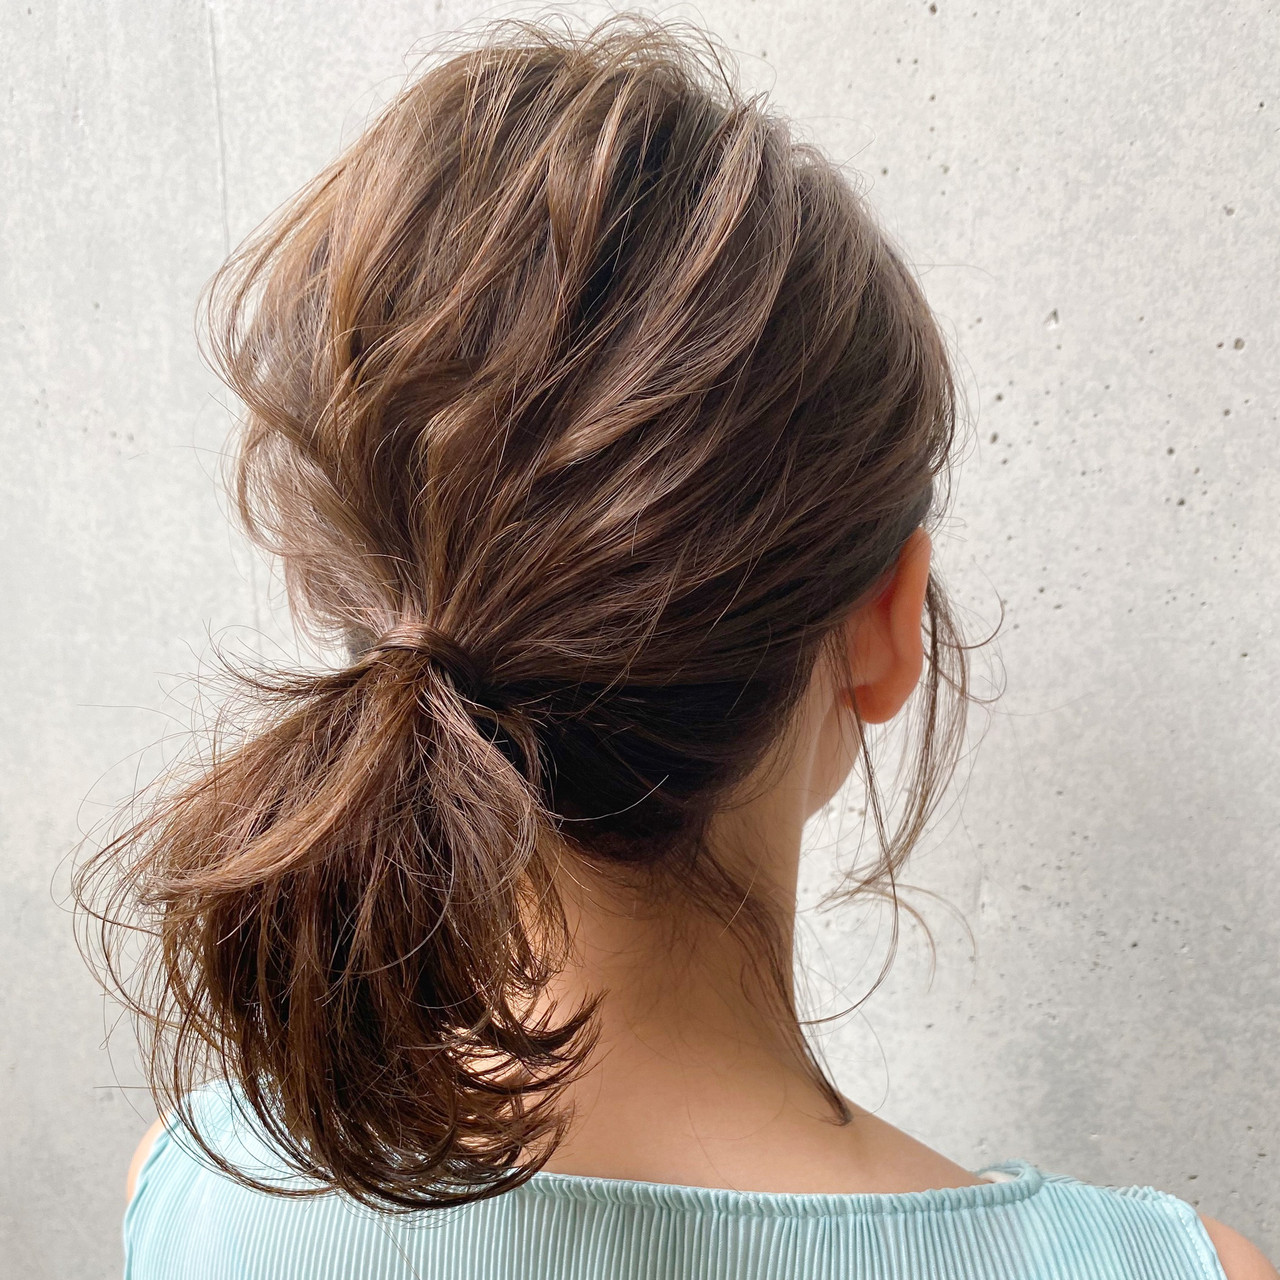 毛先パーマ ナチュラル 簡単スタイリング 簡単ヘアアレンジ ヘアスタイルや髪型の写真・画像